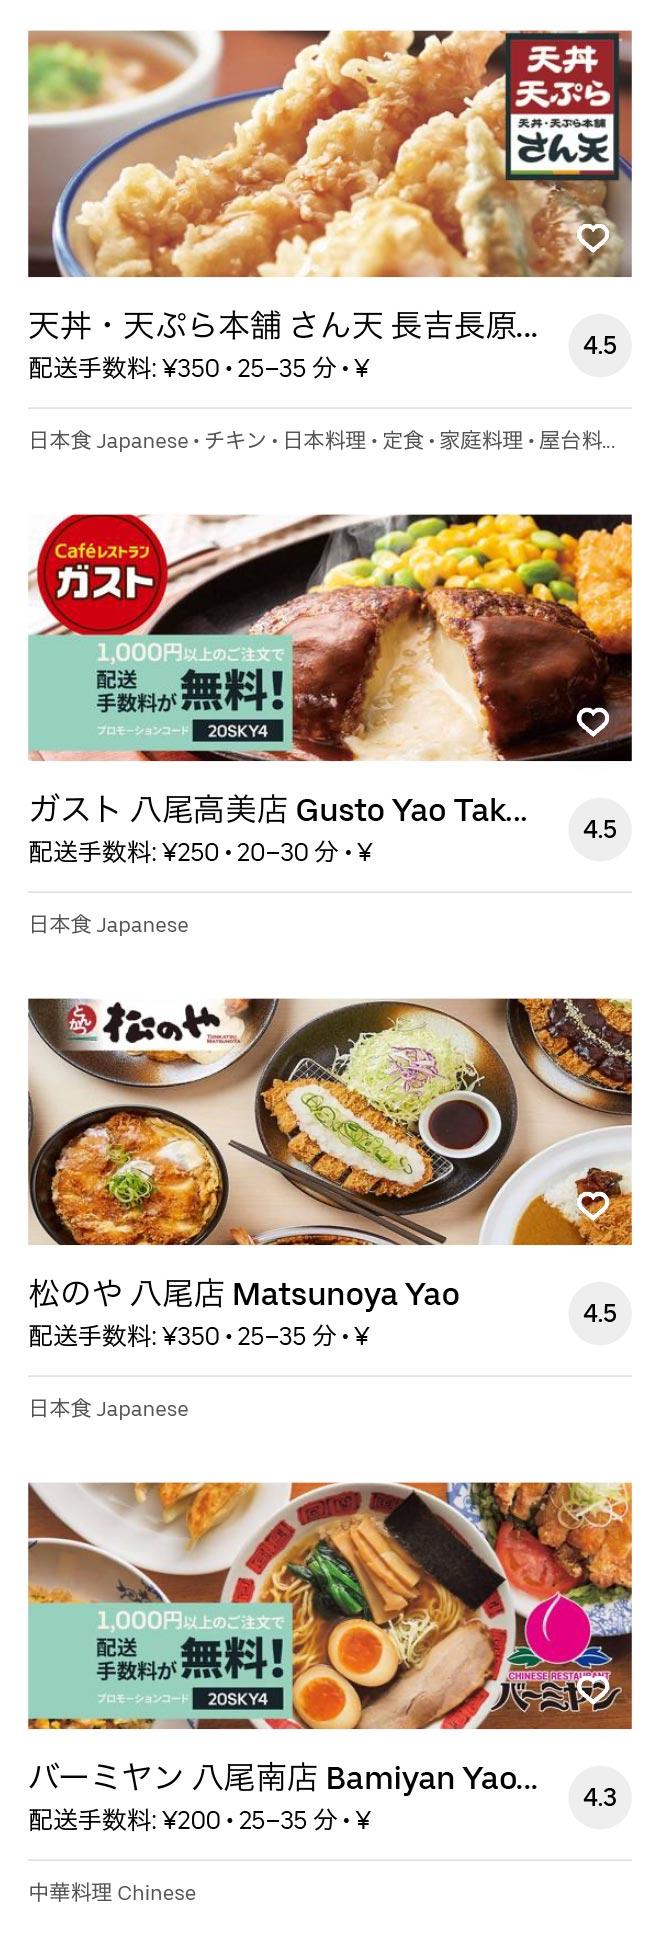 Yao shiki menu 2005 03